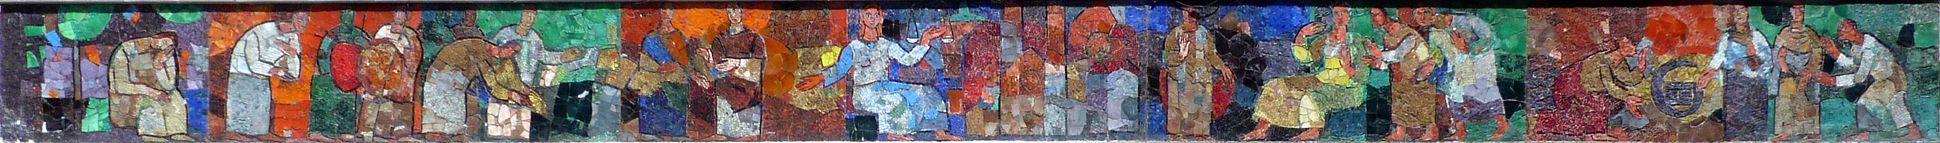 Mosaik am Hauptmarkt in Nürnberg Mosaikband der Westseite